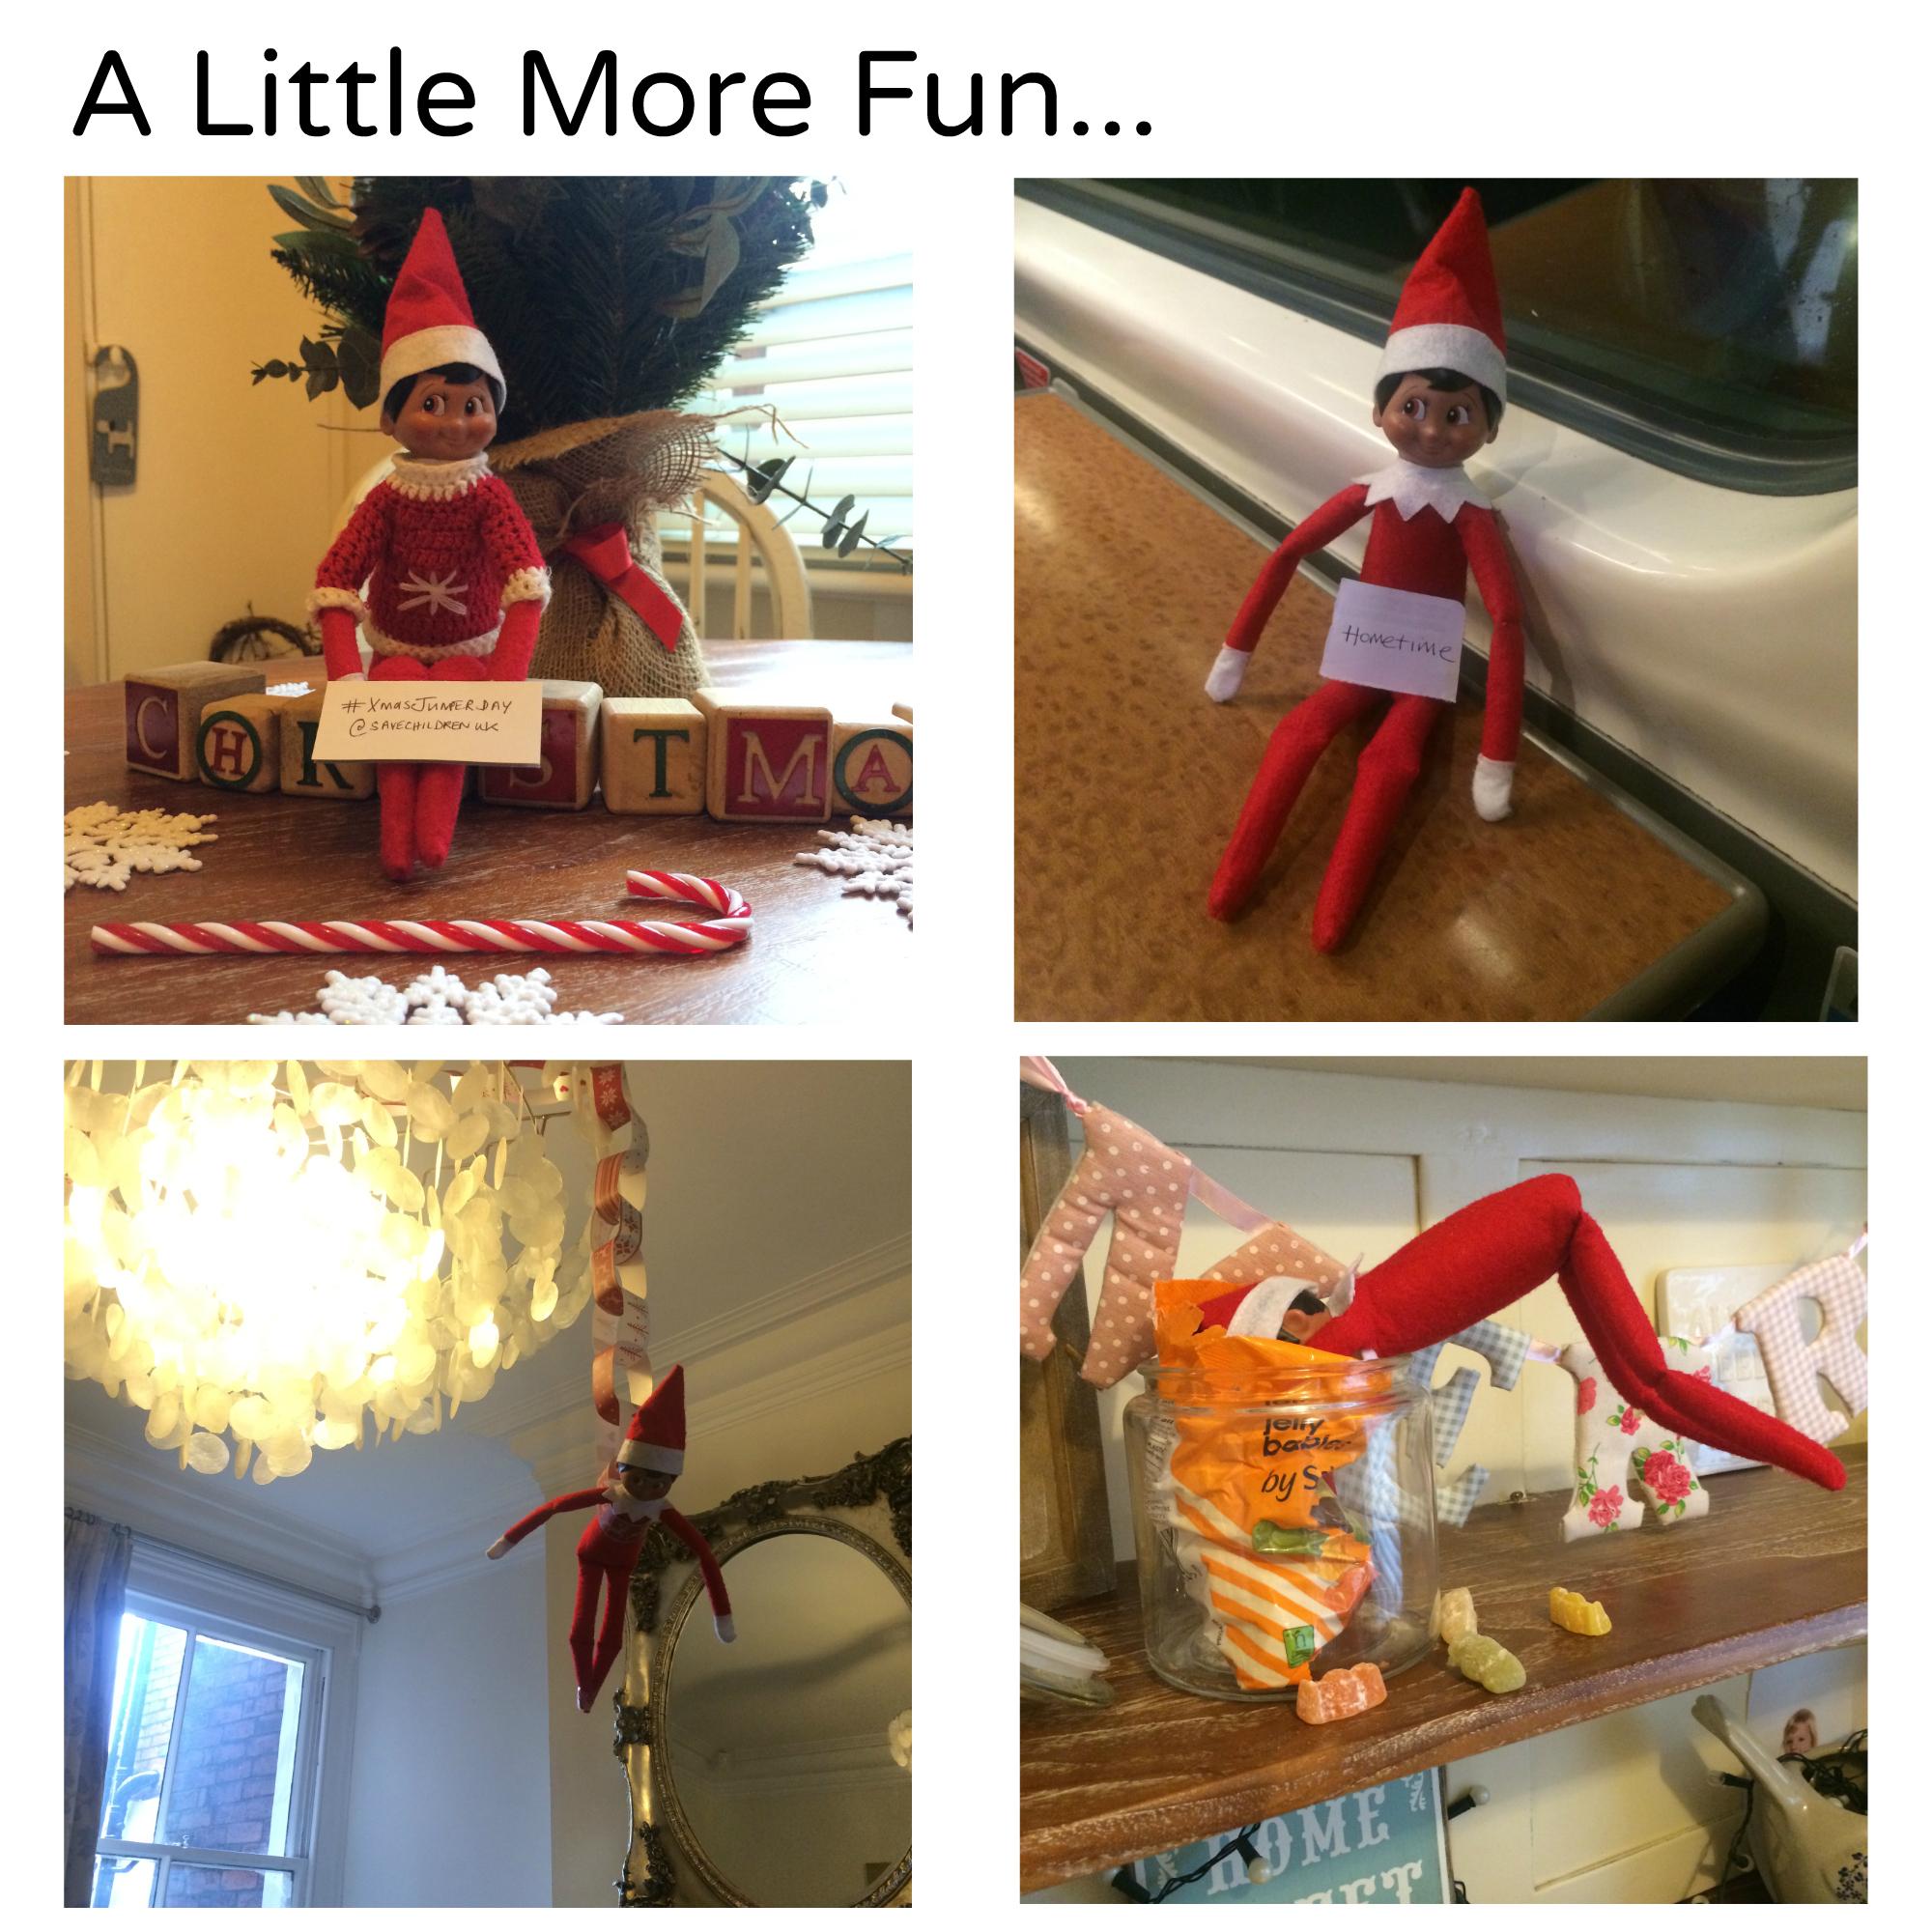 https://lifeasourlittlefamily.files.wordpress.com/2014/12/elf-fun-9115-a.jpg